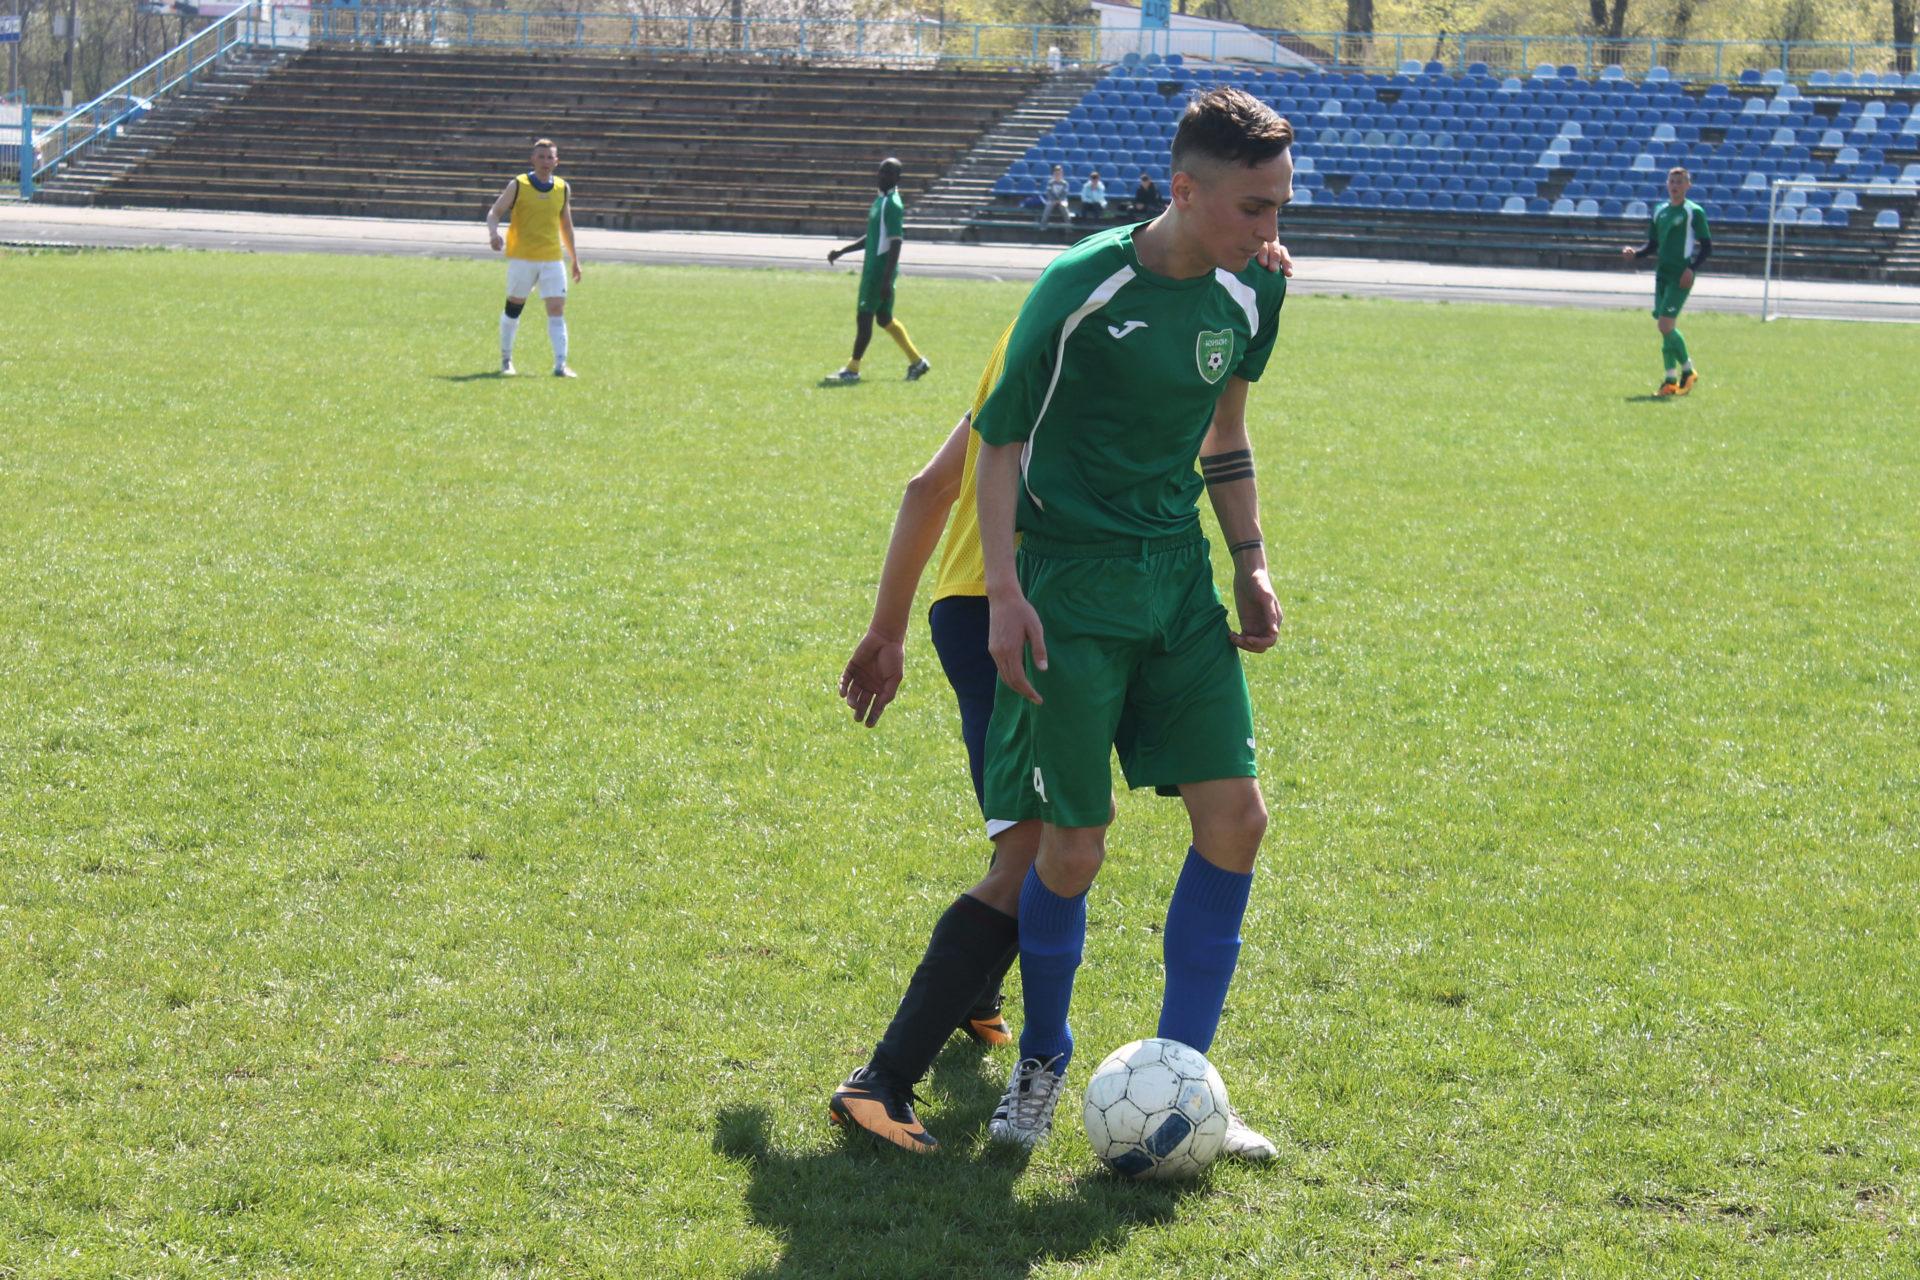 Екс-футболіст броварських команд змінив клуб у чемпіонаті Словаччини -  - IMG 8989 1920x1280 1